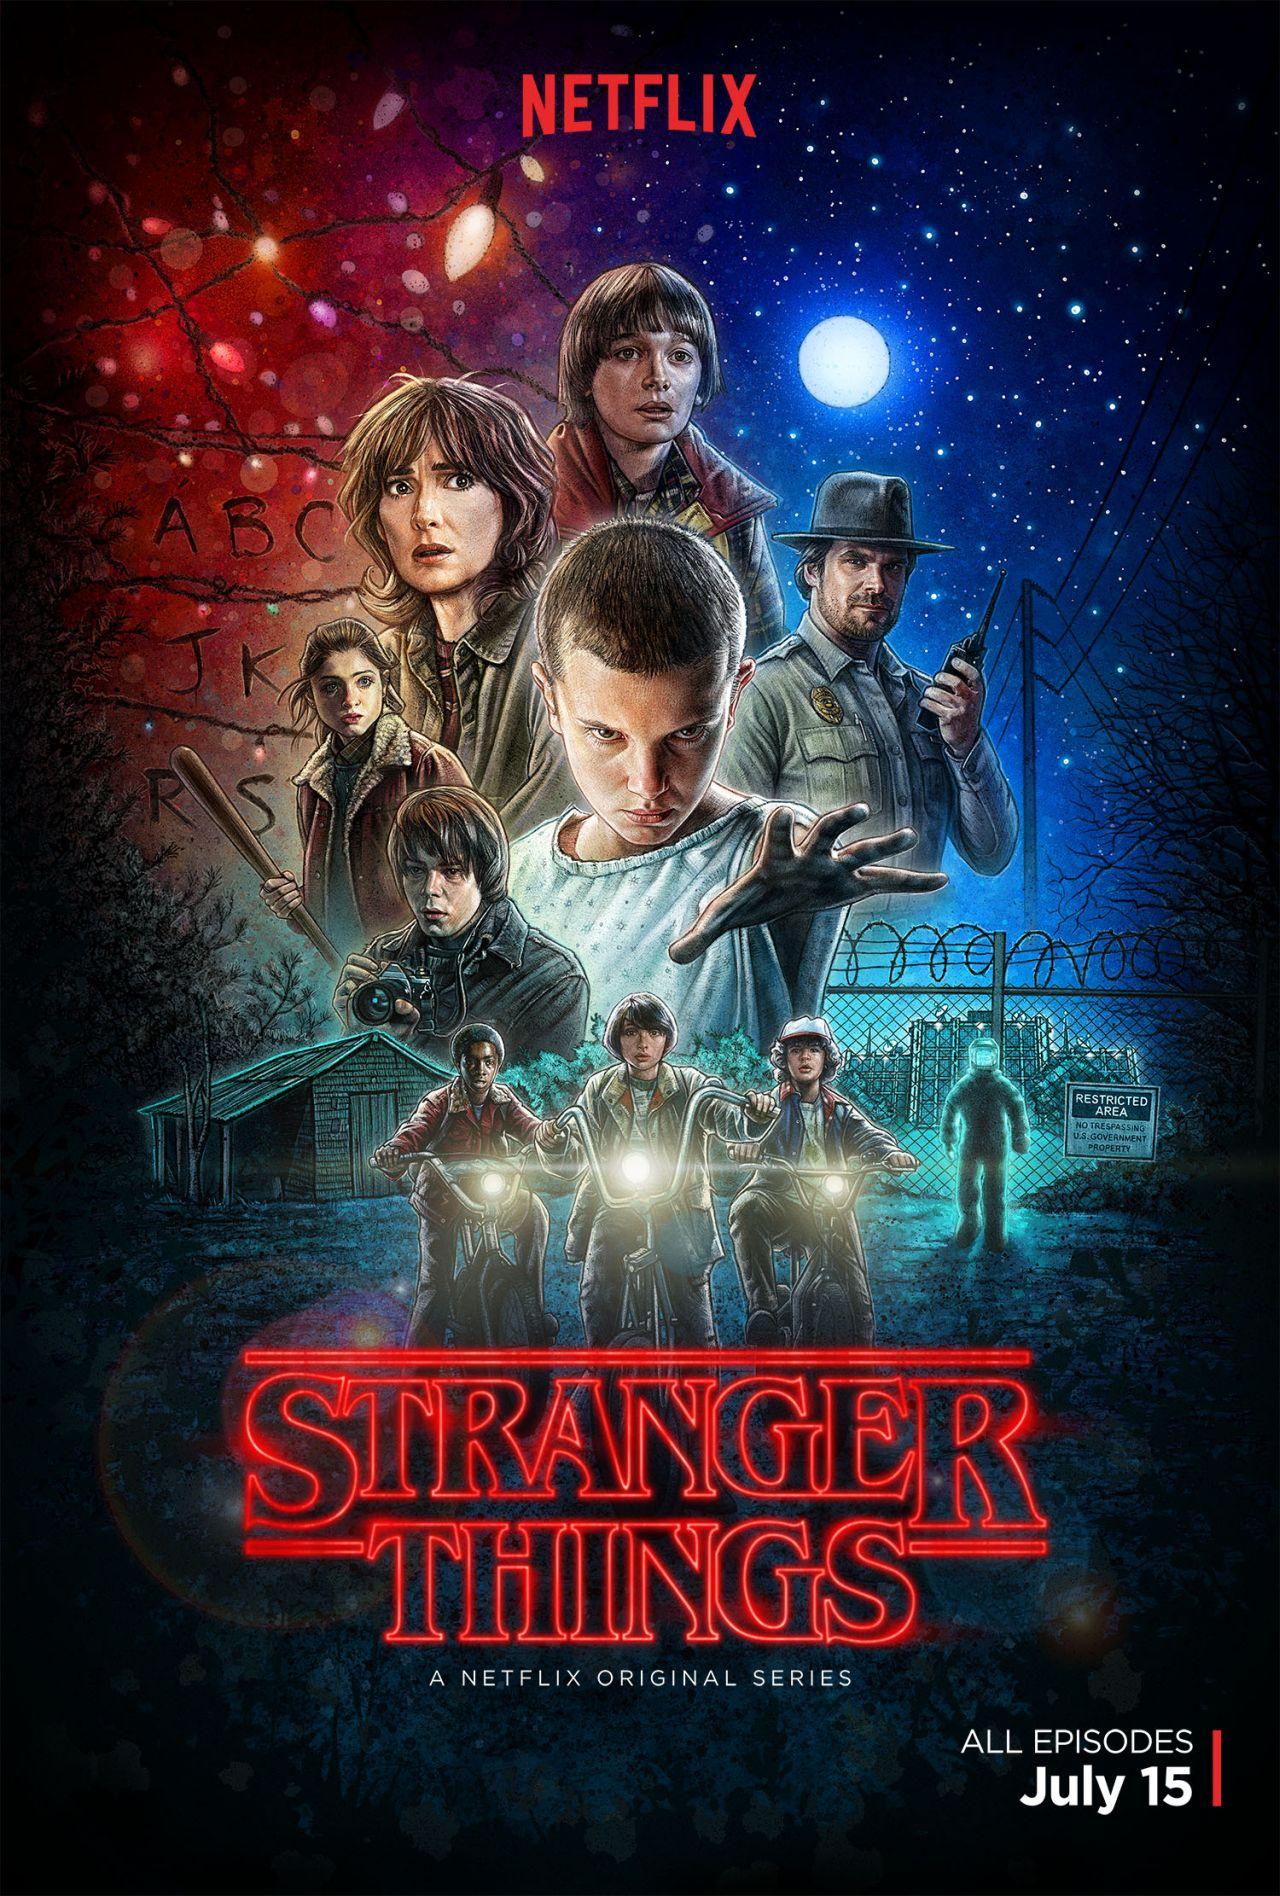 Das offizielle Poster von Stranger Things (Quelle: Netflix)